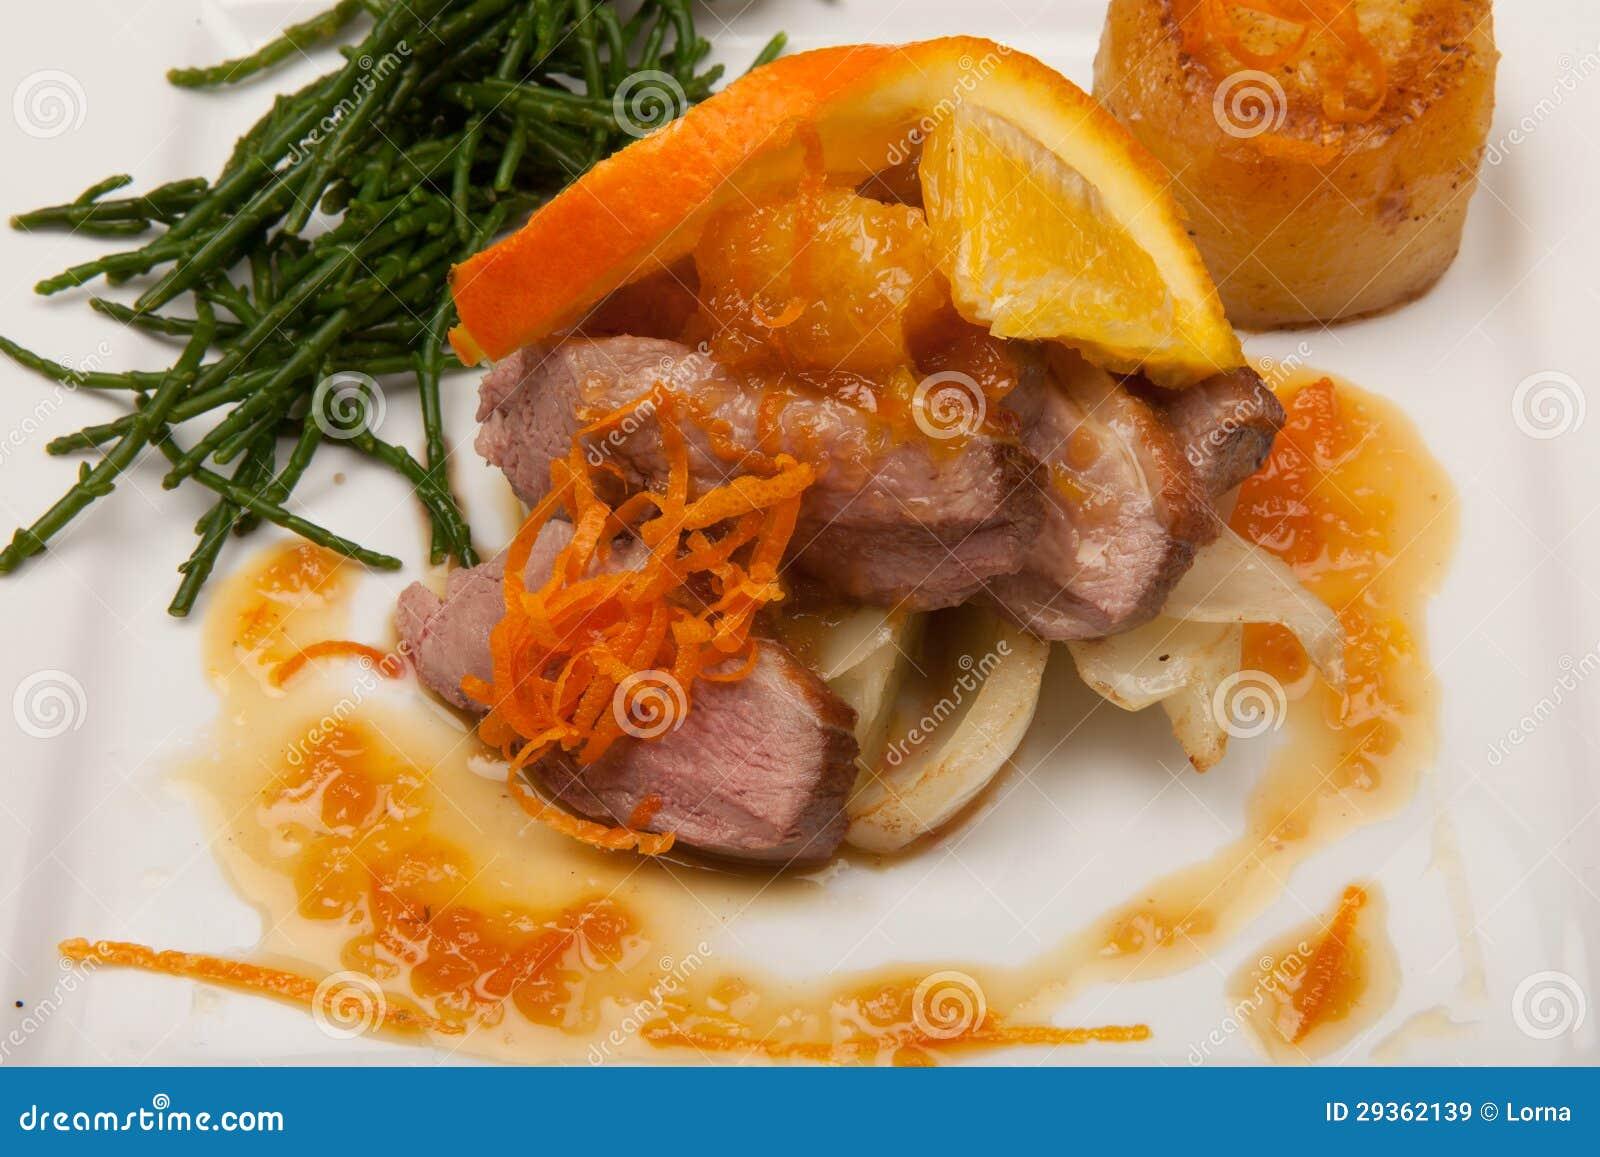 pes duck a l orange duck a l orange boneless duck breast a l orange ...